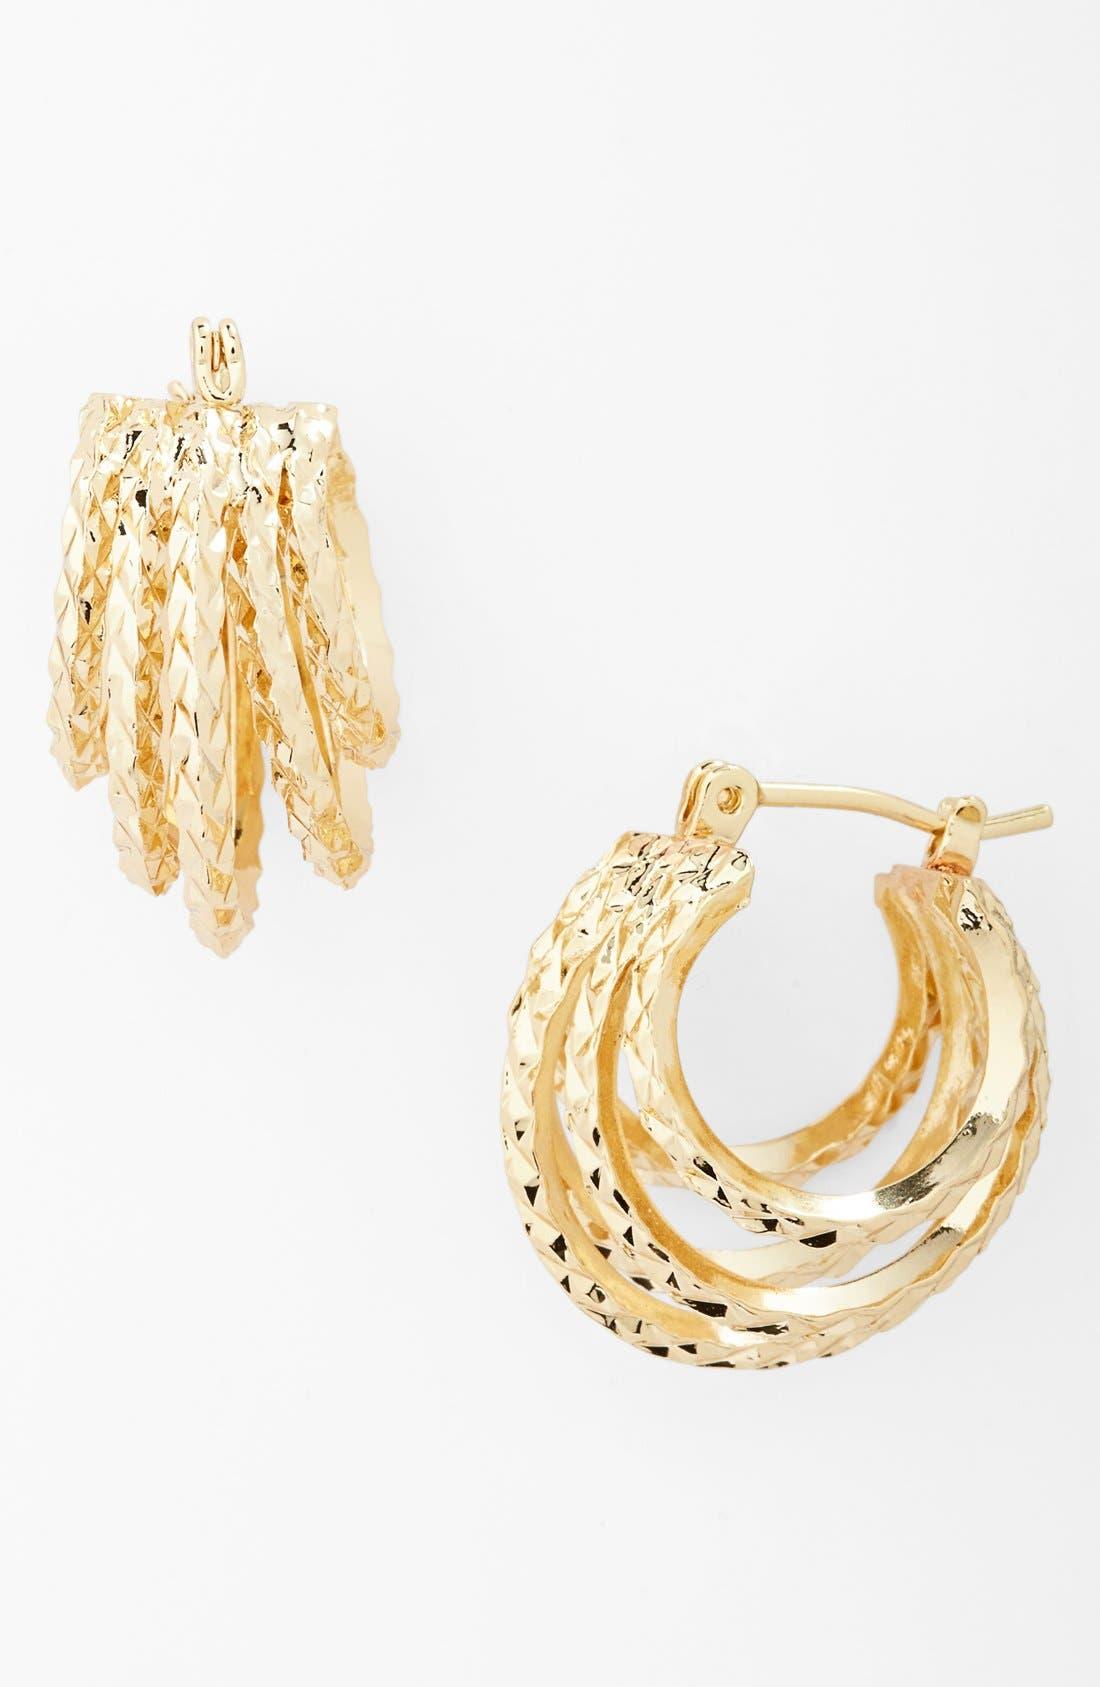 Alternate Image 1 Selected - Natasha Couture 'Tiny' Hoop Earrings